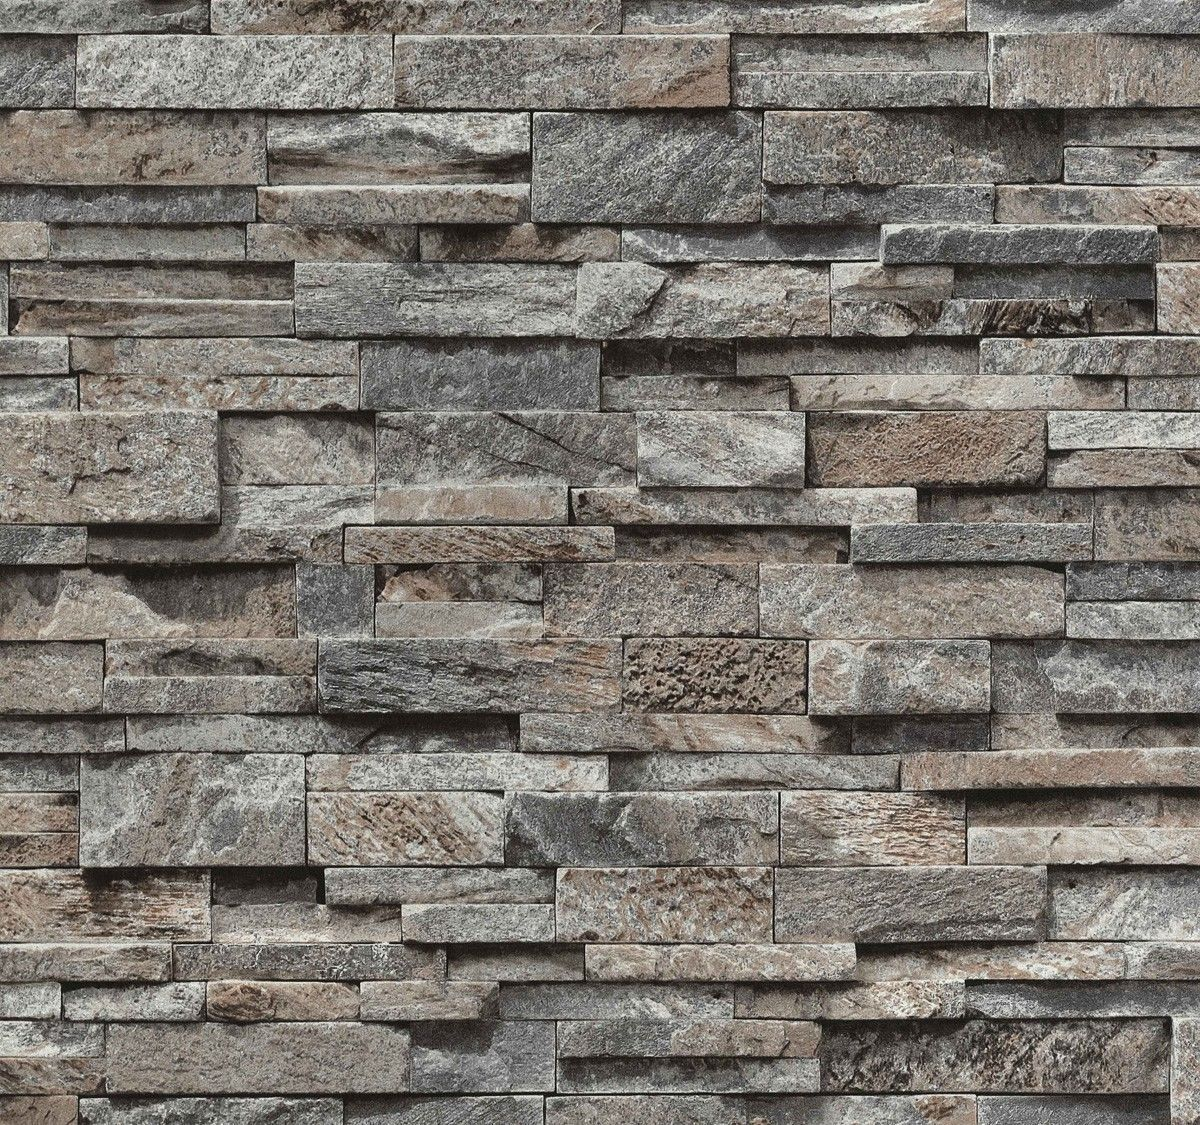 Wallpaper Non Woven Stone Stones Wall Brick Grey Brown Ps 02363 20 1 91 1qm Steenbehang Houten Behang 3d Behang